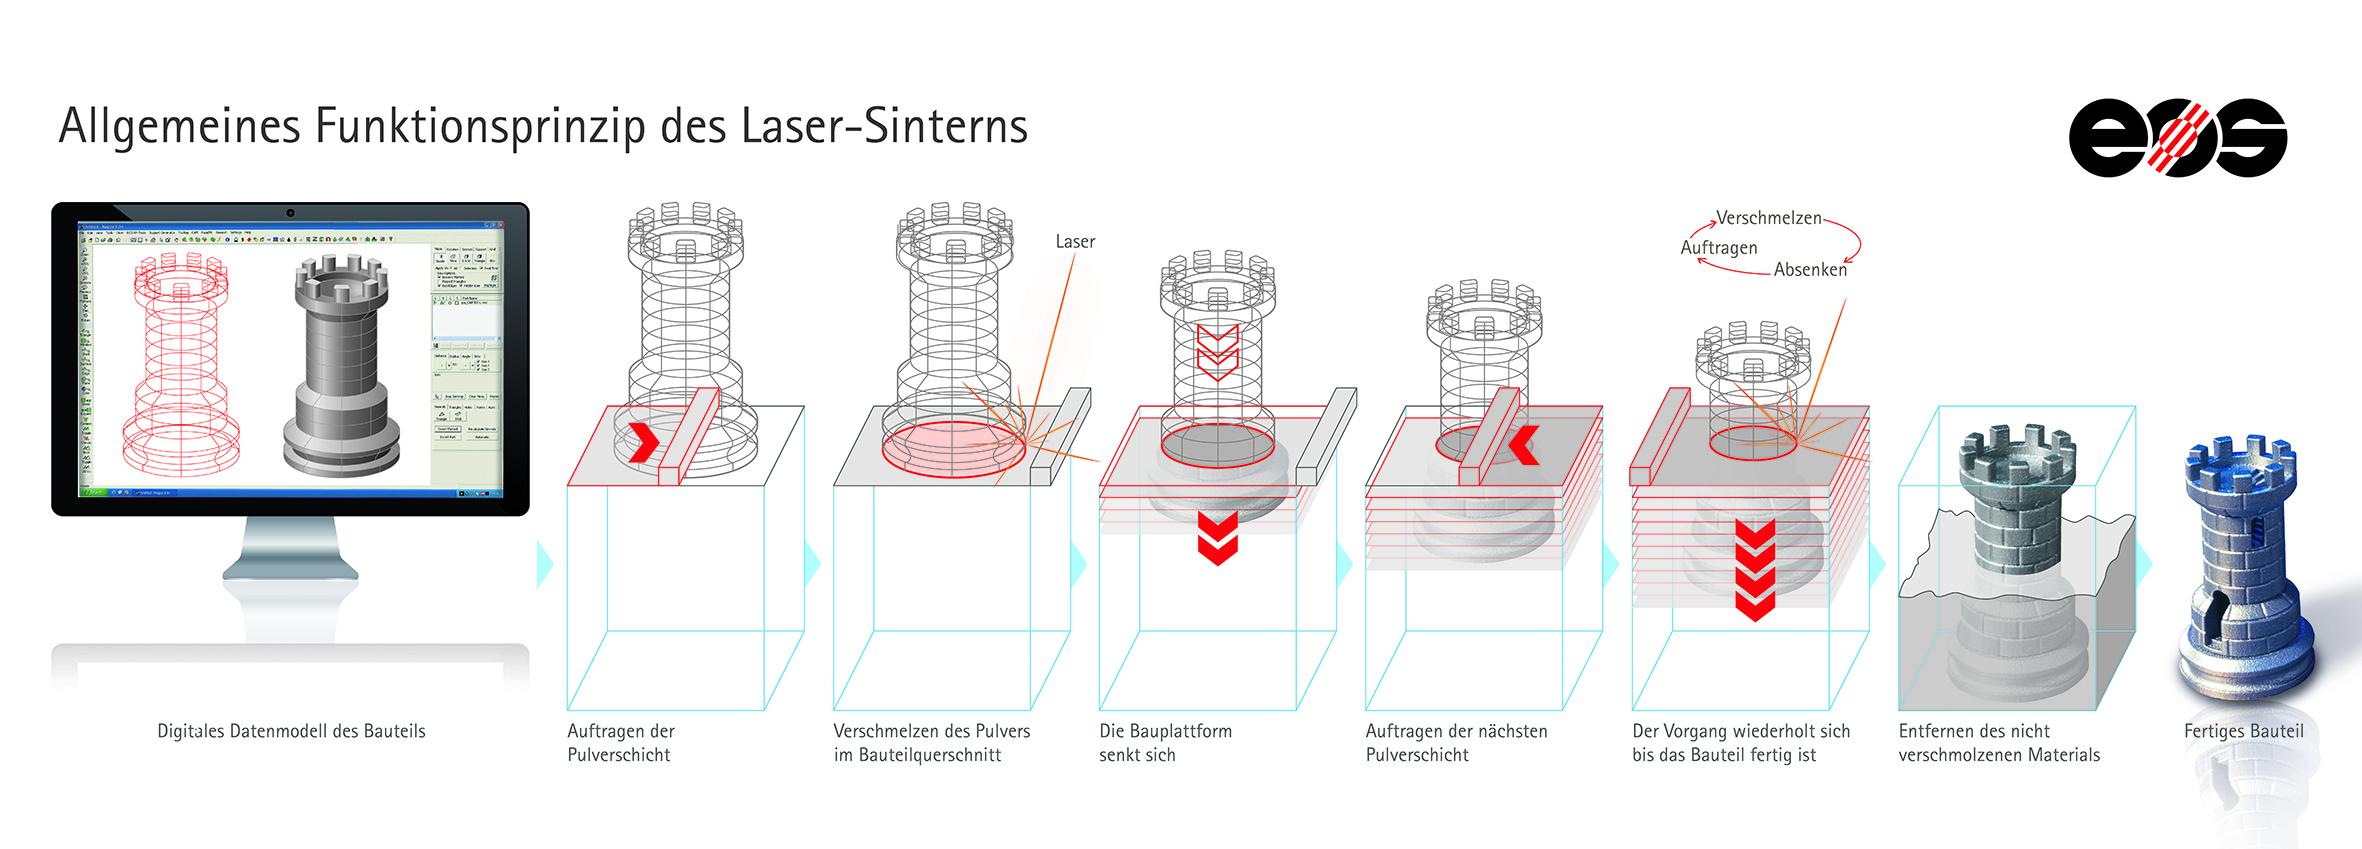 Industrieller3DDruck_SLS_Funktionsprinzip